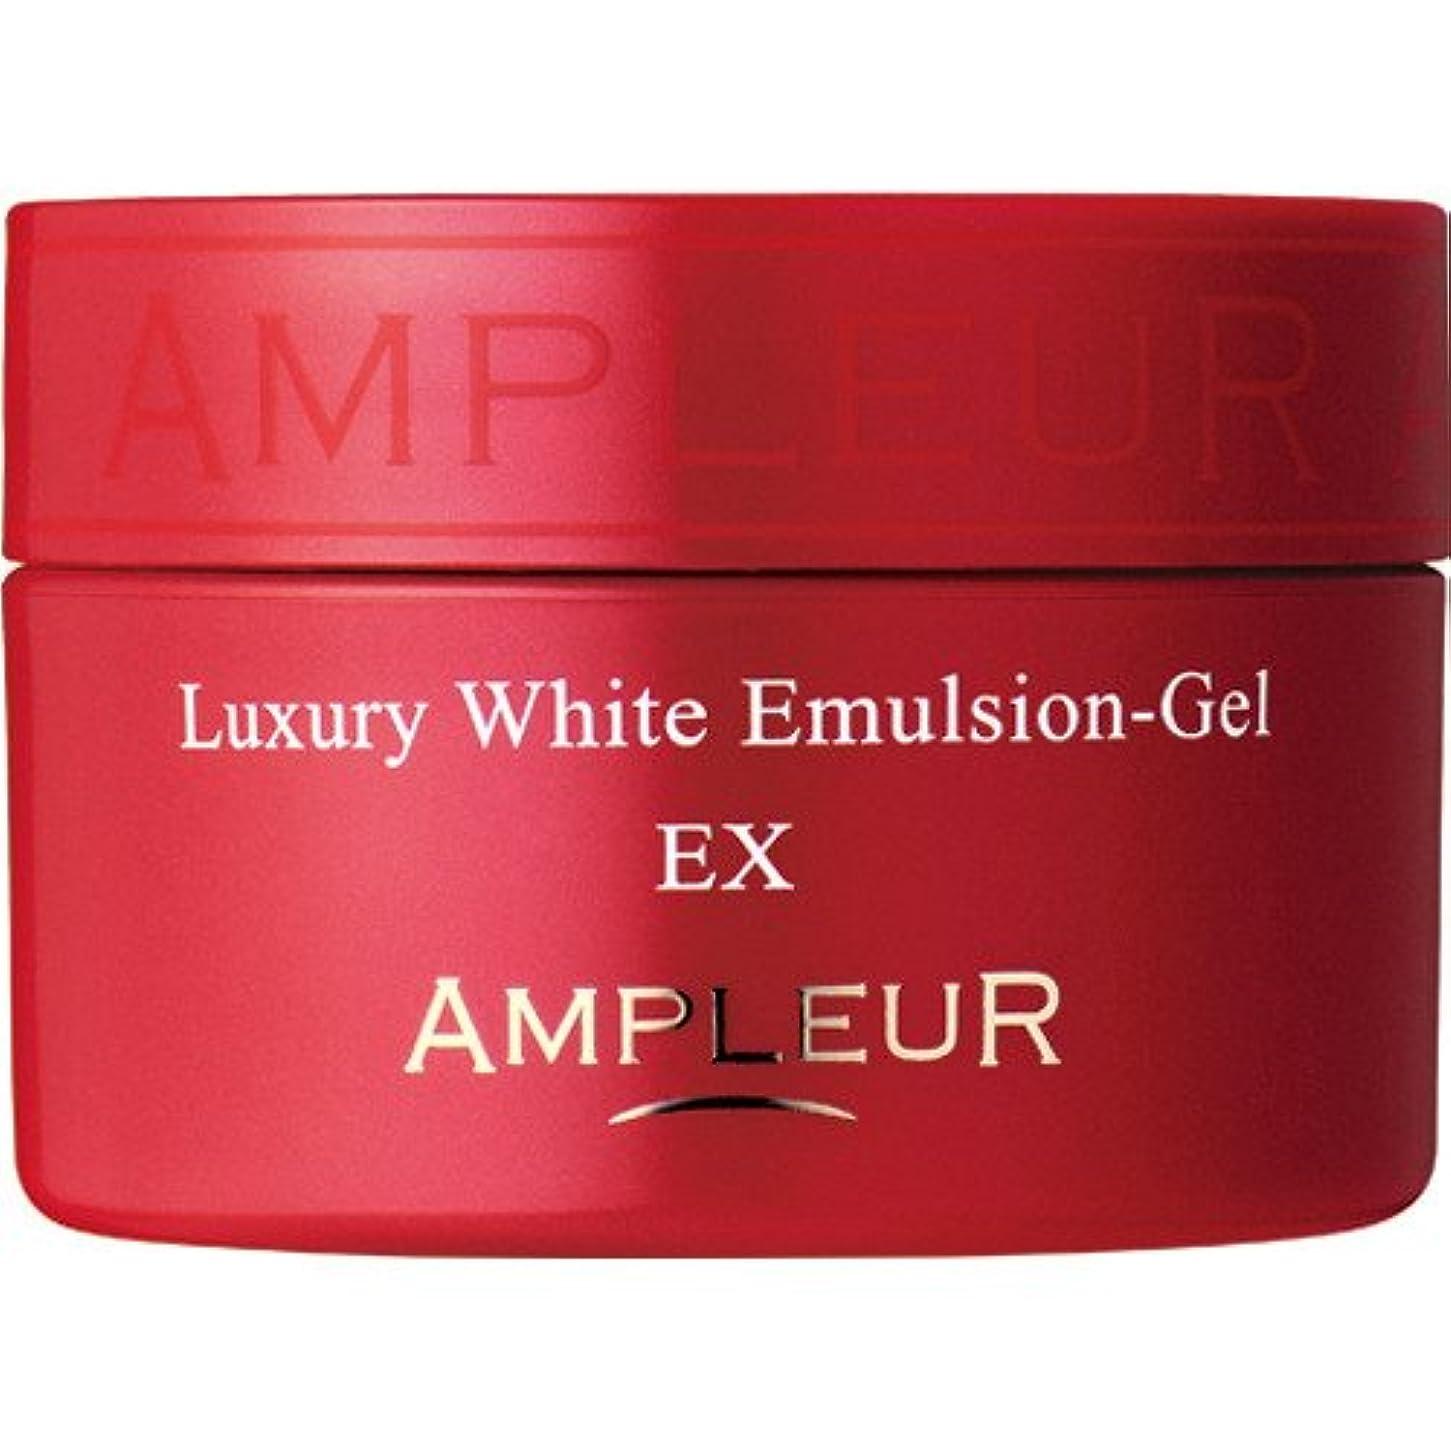 オープニング最後の促進するAMPLEUR(アンプルール) ラグジュアリーホワイト エマルジョンゲルEX 50g